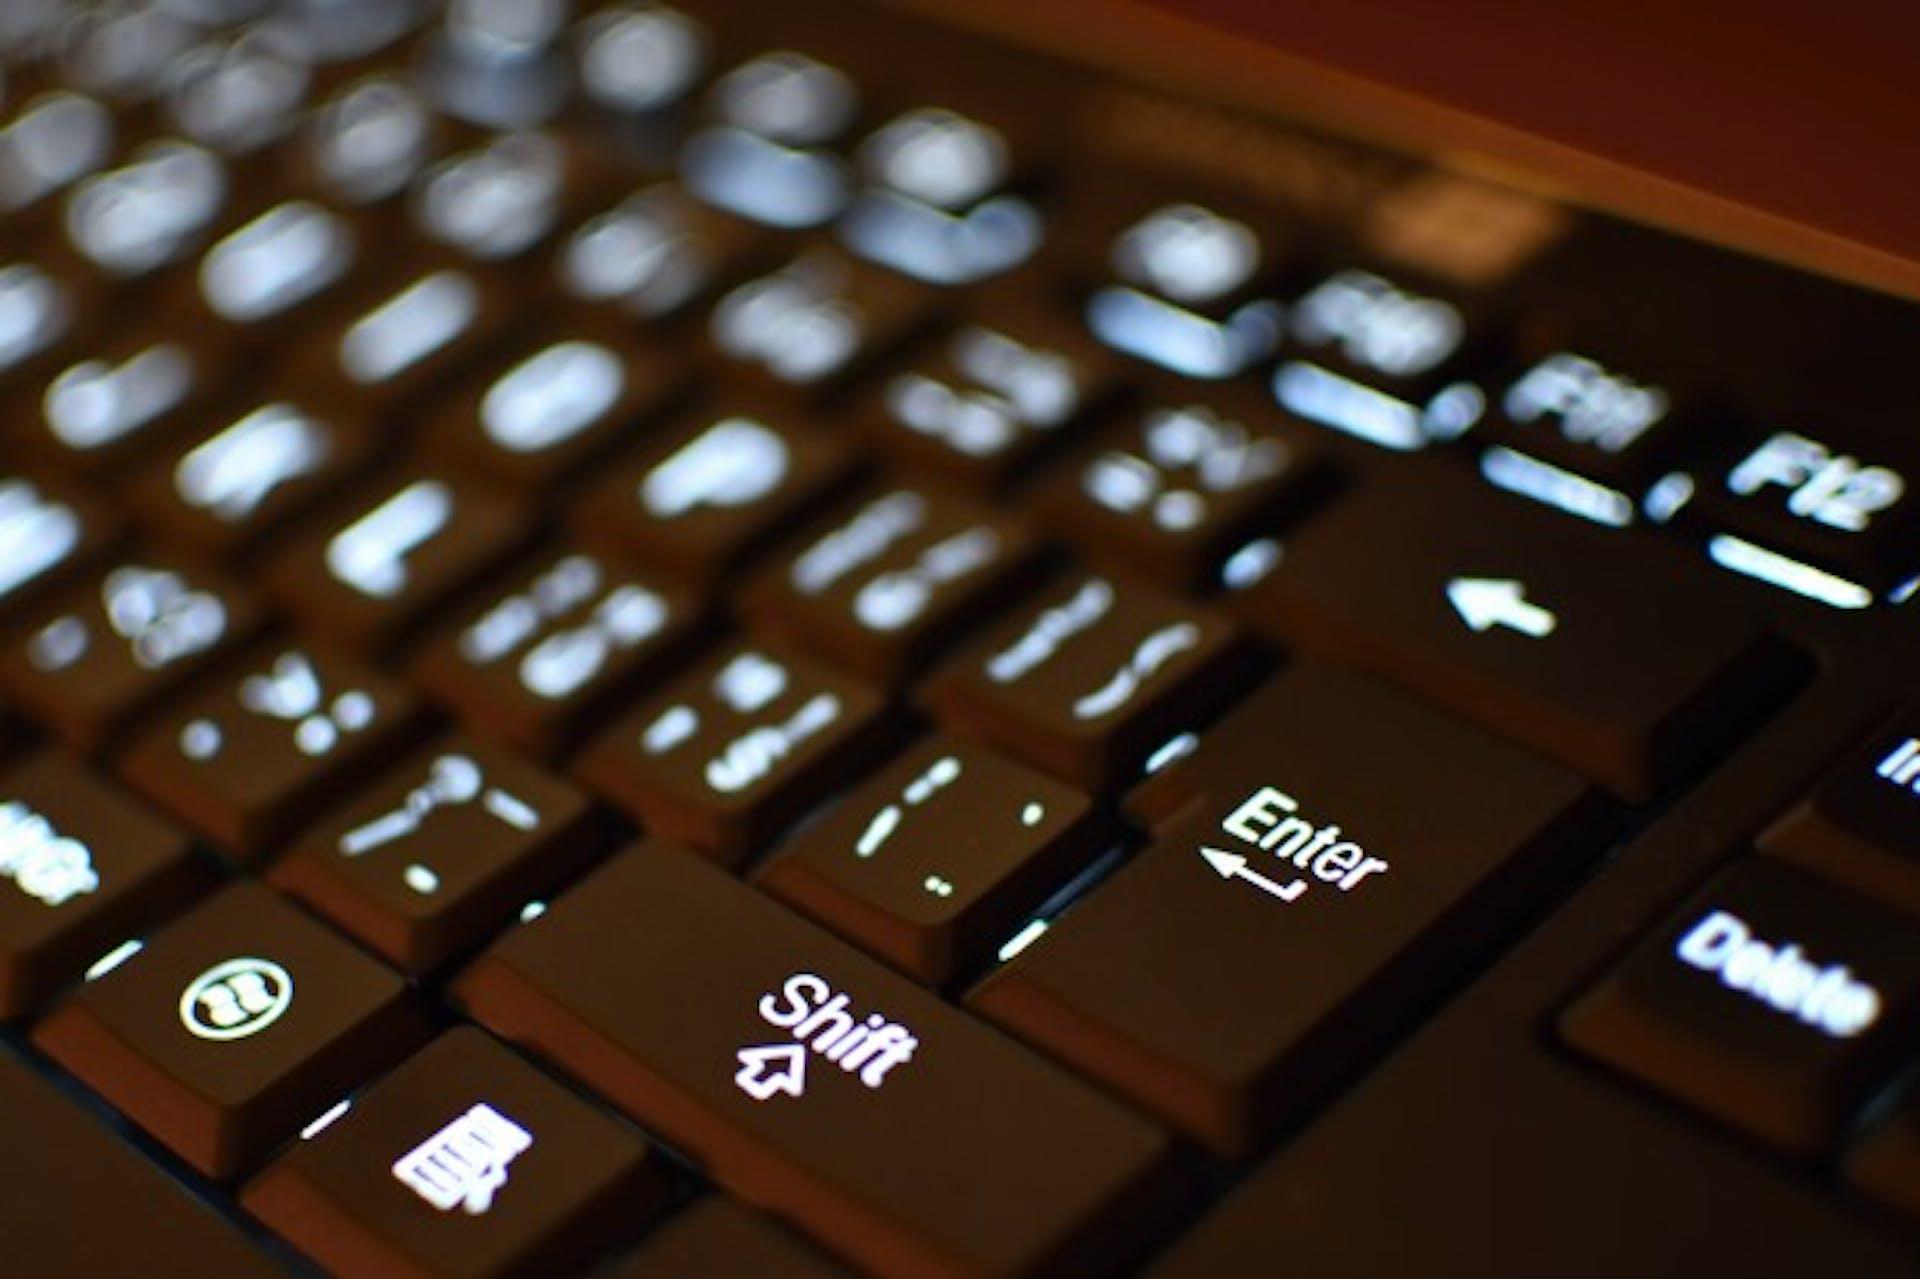 Los teclados para diseño gráfico que tus clientes agradecerán